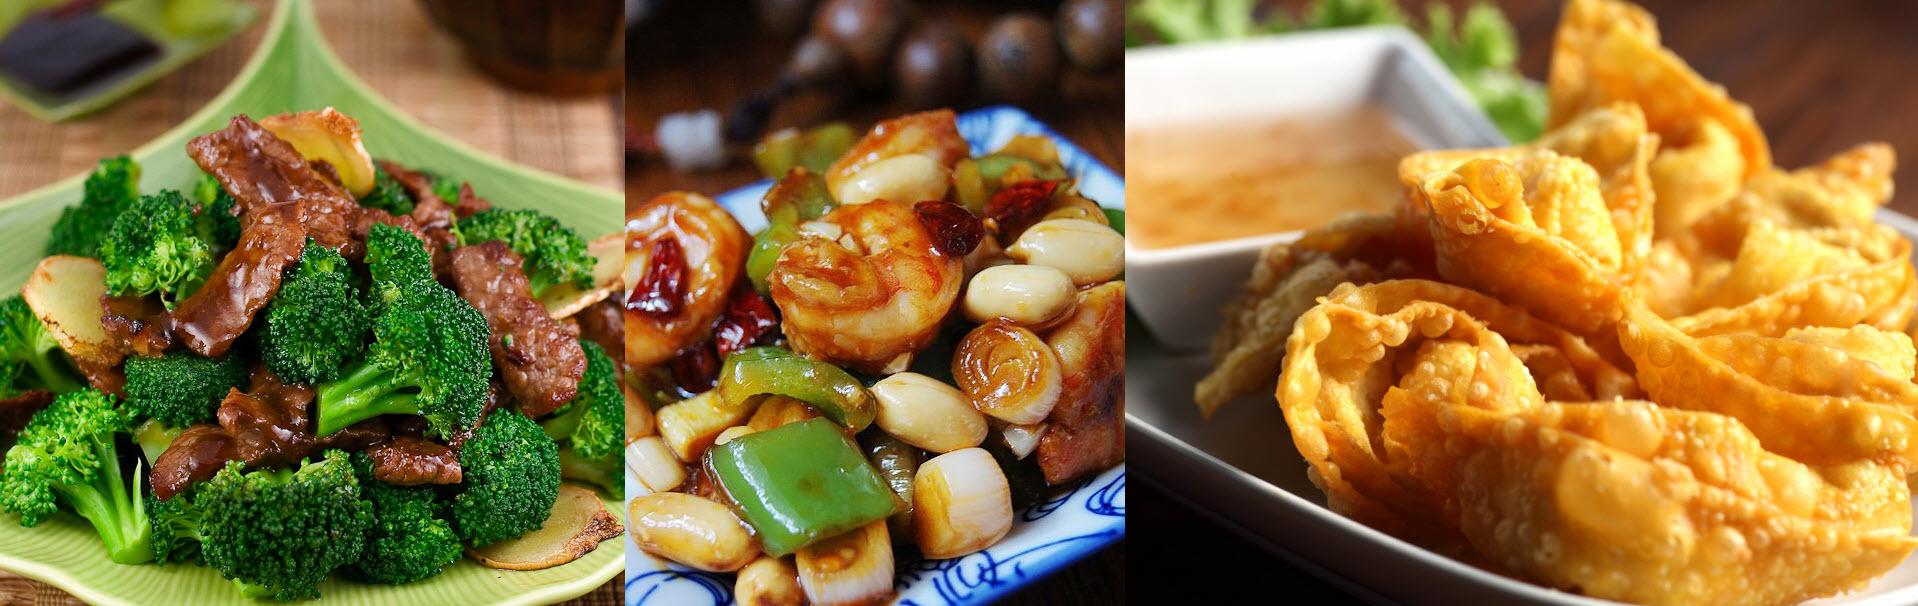 Tasty Garden Chinese Restaurant - Order Online in Frisco, TX ...